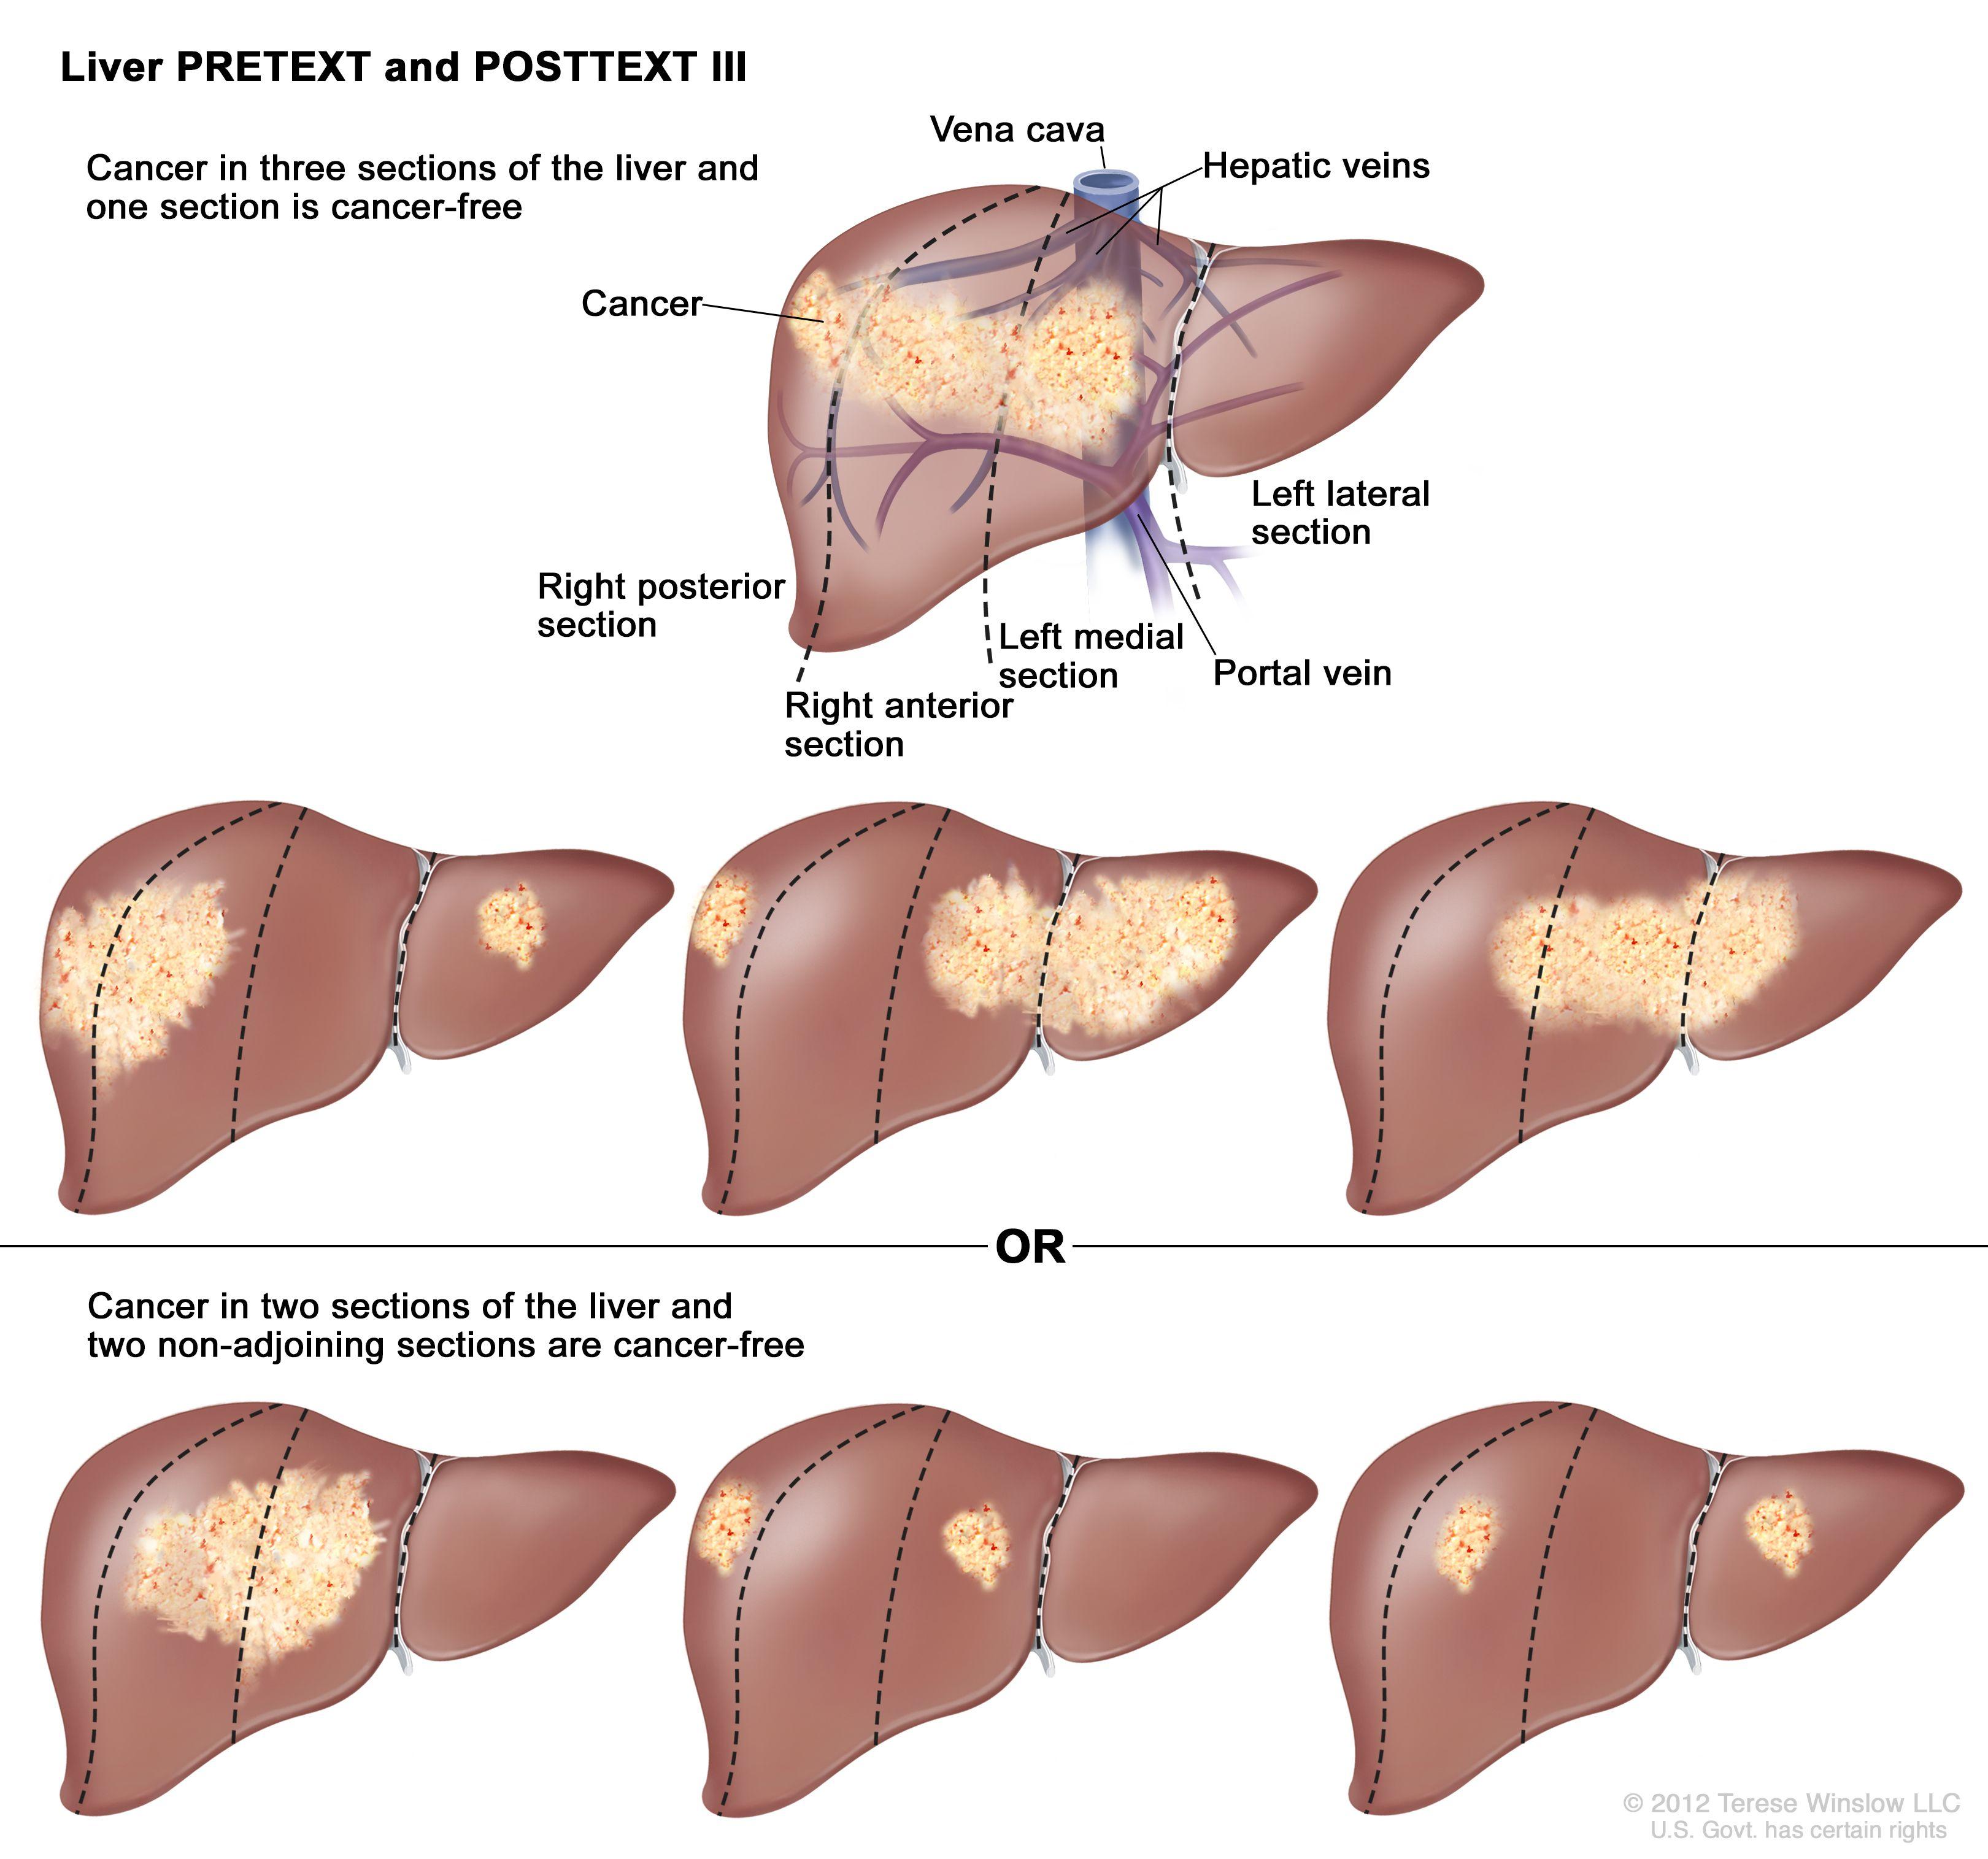 肝のPRETEXT III期;図は7つの肝を示す。点線は各肝をほぼ同一サイズの4区域に縦分割している。1つ目の肝では、がんが左の3つの区域に示されている。2つ目の肝では、がんが左の2つの区域および右端の区域に示されている。3つ目の肝では、がんが左端の区域および右の2つの区域に示されている。4つ目の肝では、がんが右の3つの区域に示されている。5つ目の肝では、がんが中央の2つの区域に示されている。6つ目の肝では、がんが左端の区域および右から2番目の区域に示されている。7つ目の肝は、がんが右端の区域および左から2番目の区域に示されている。